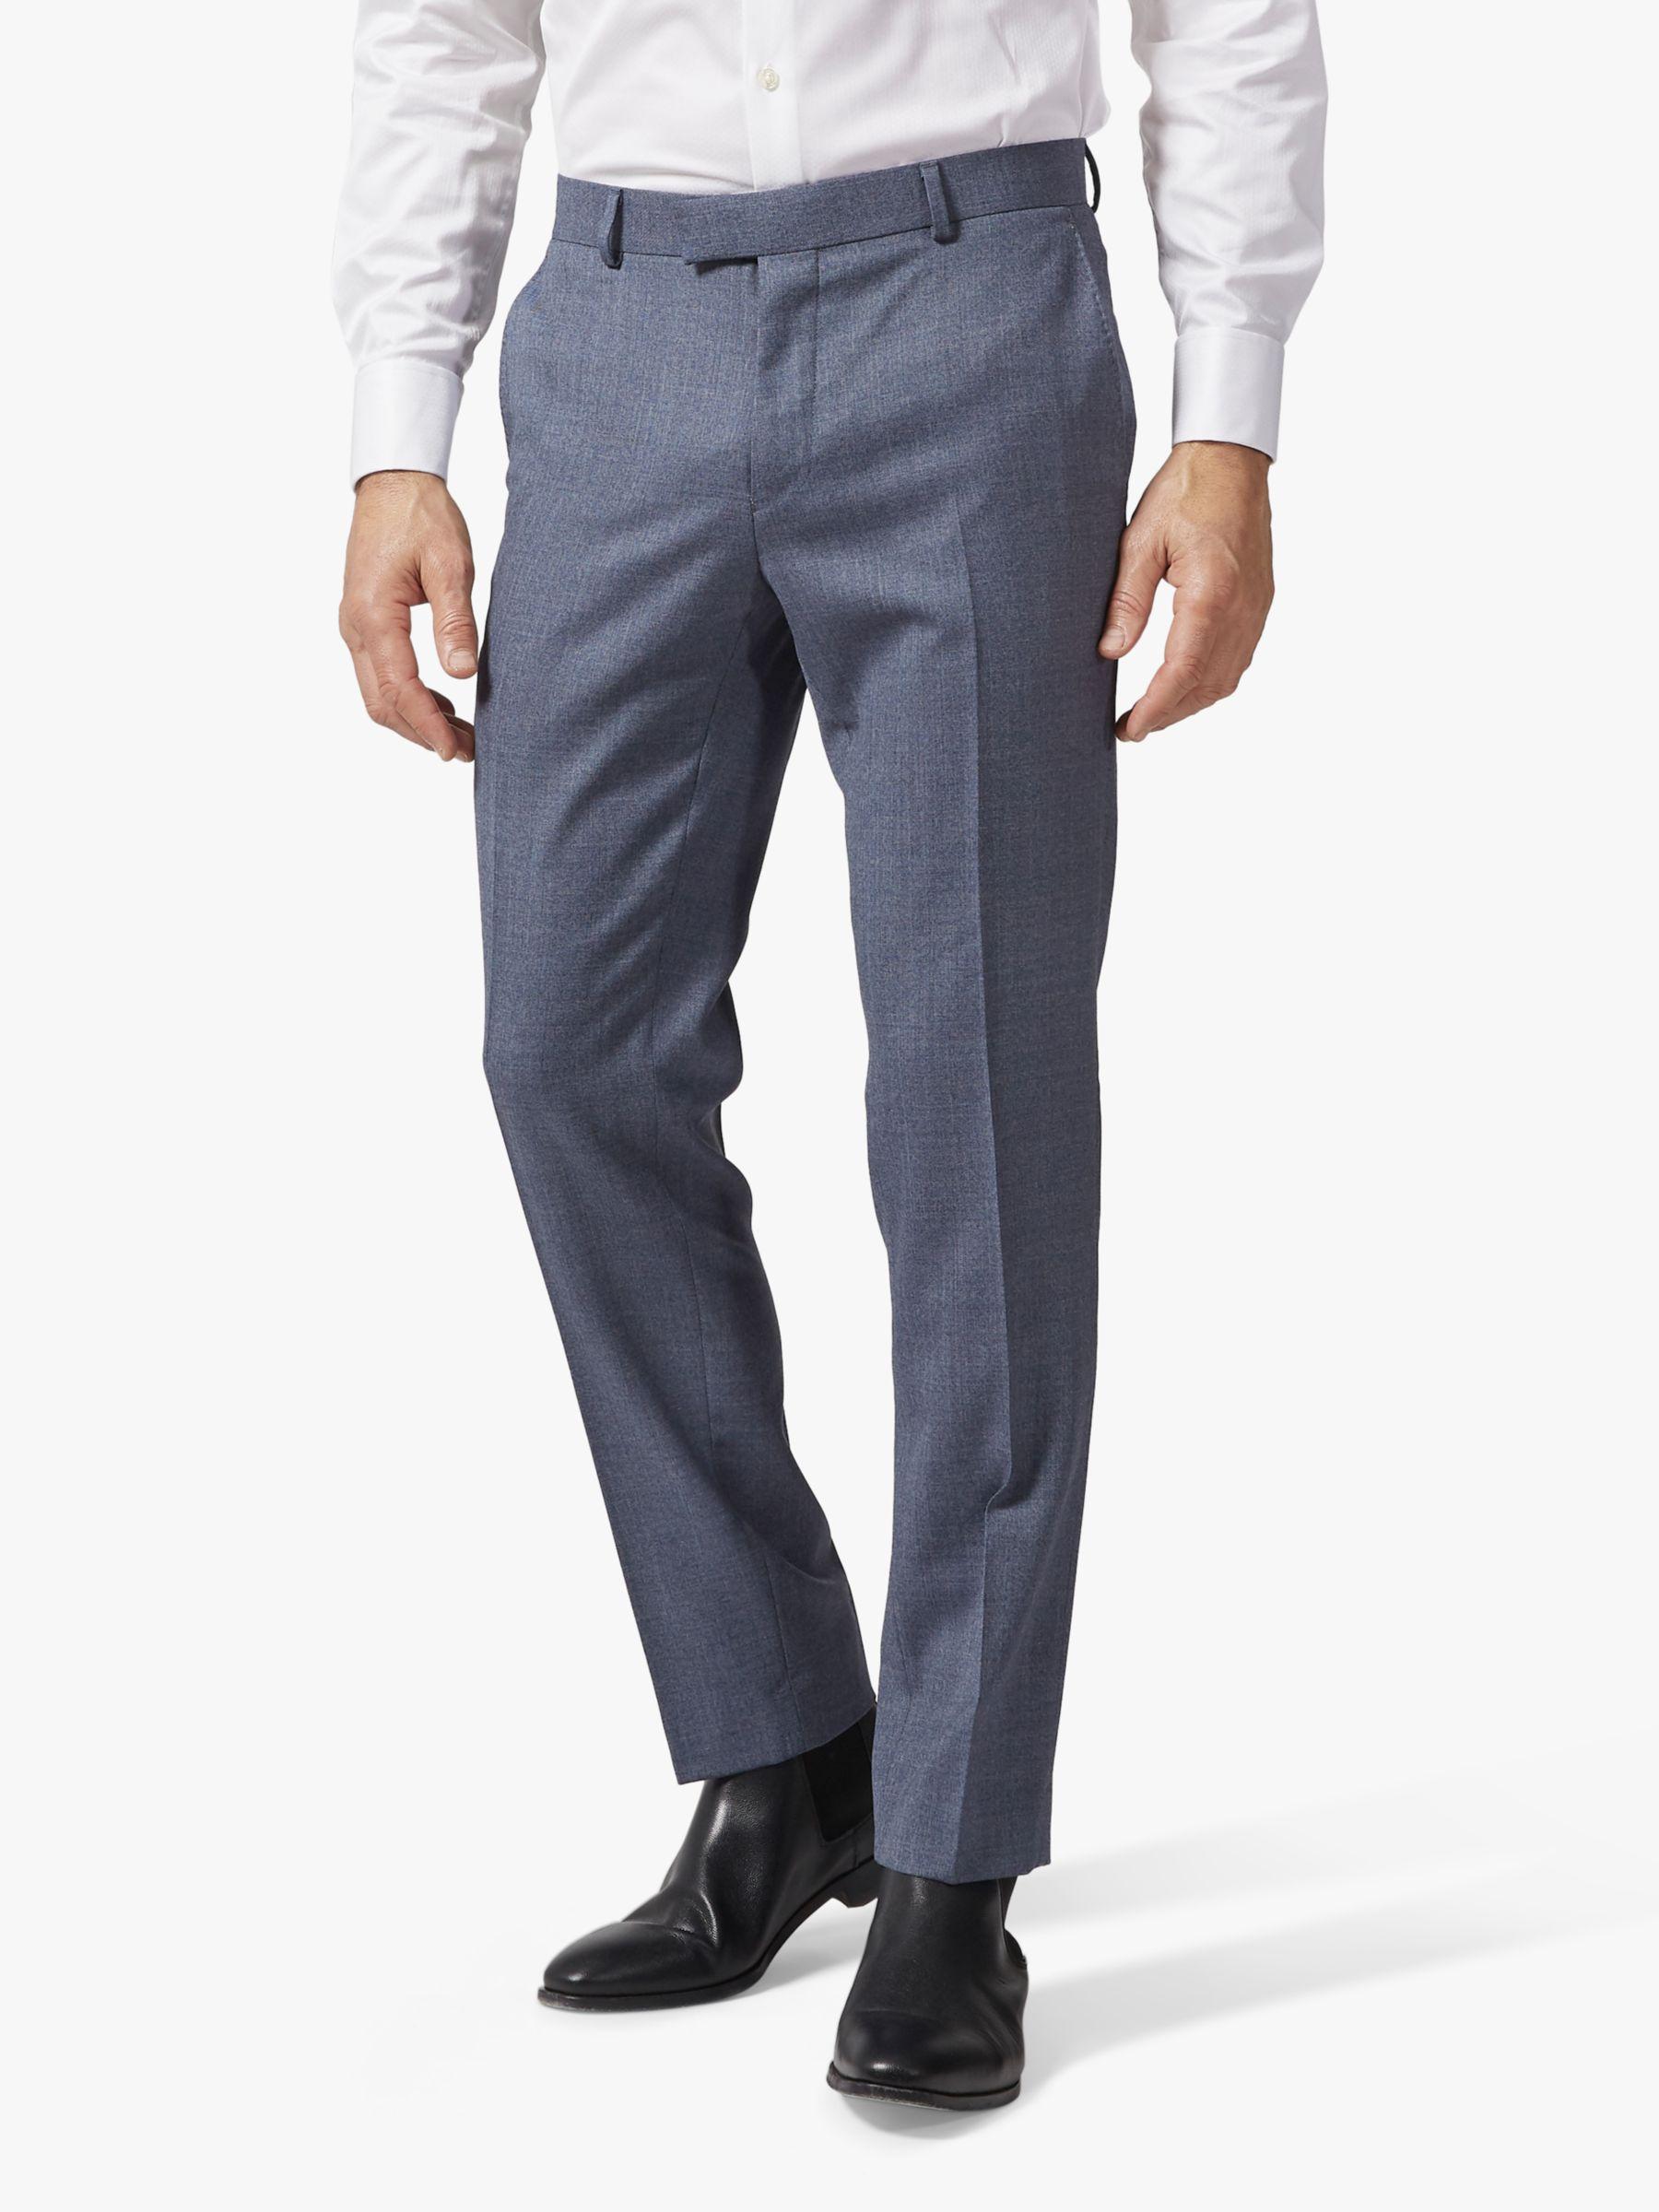 Richard James Mayfair Richard James Mayfair Wool Suit Trousers, Mid Blue